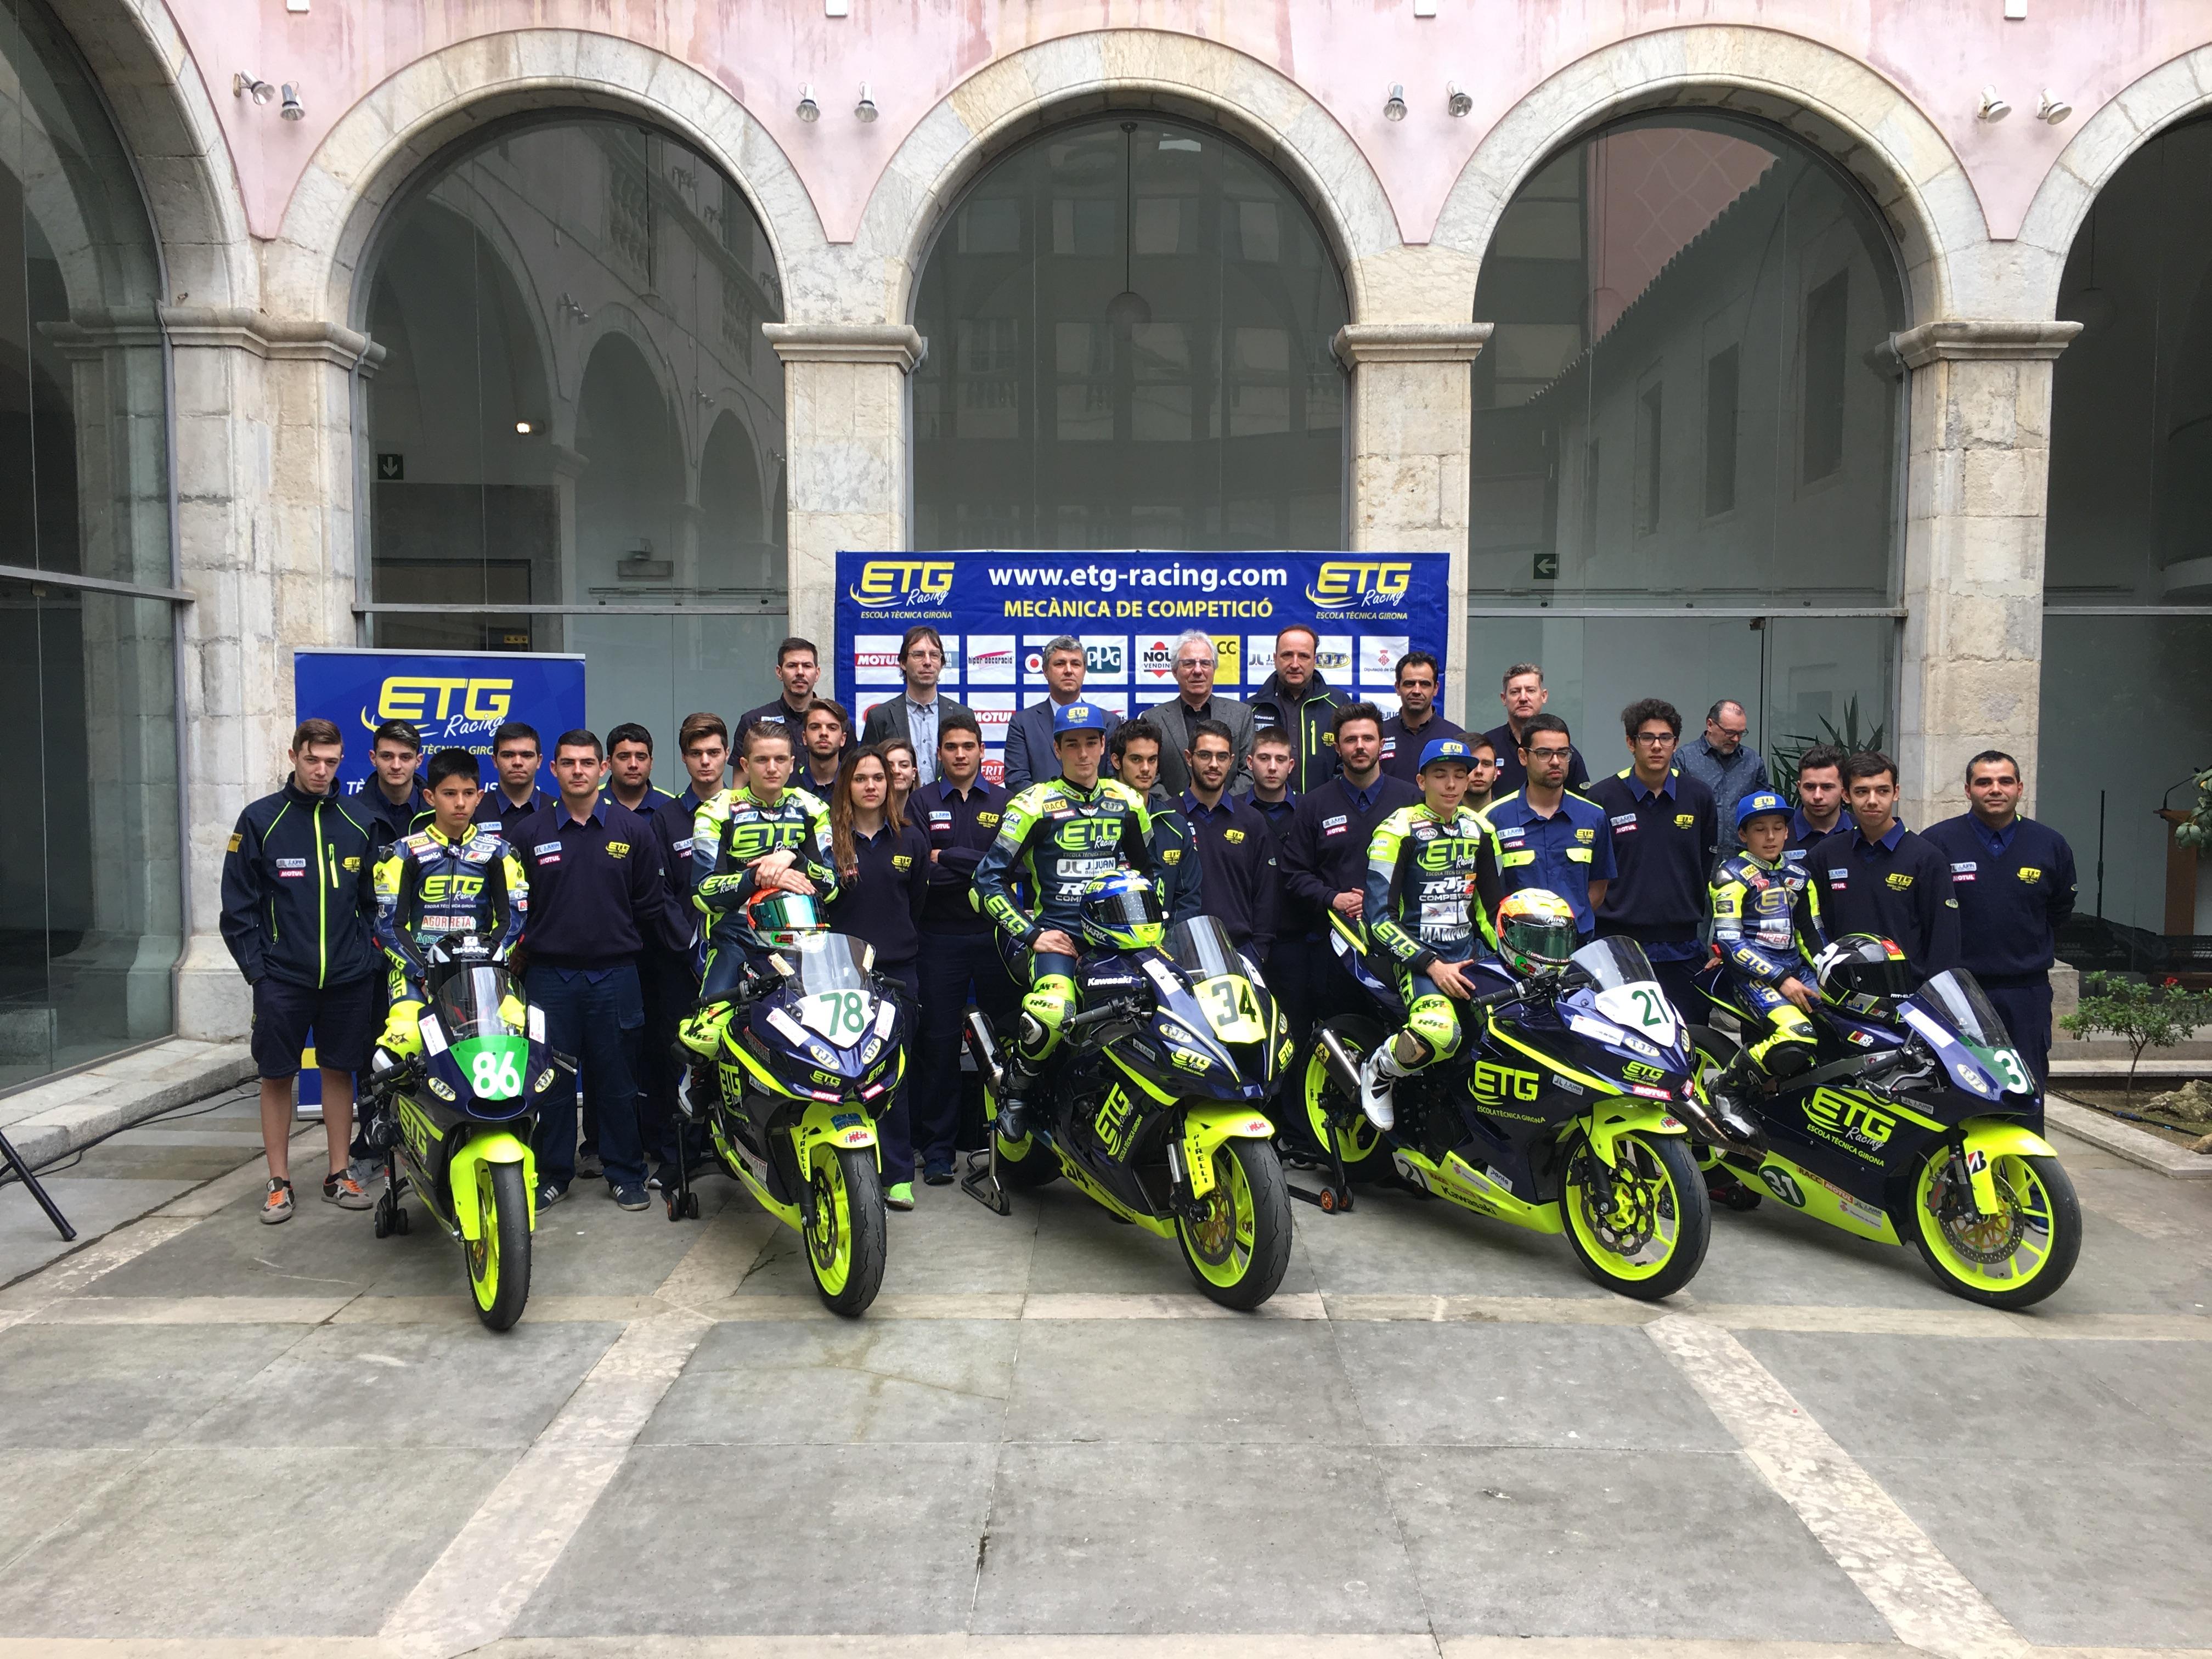 ETG Racing presenta l'escuderia a la Diputació de Girona